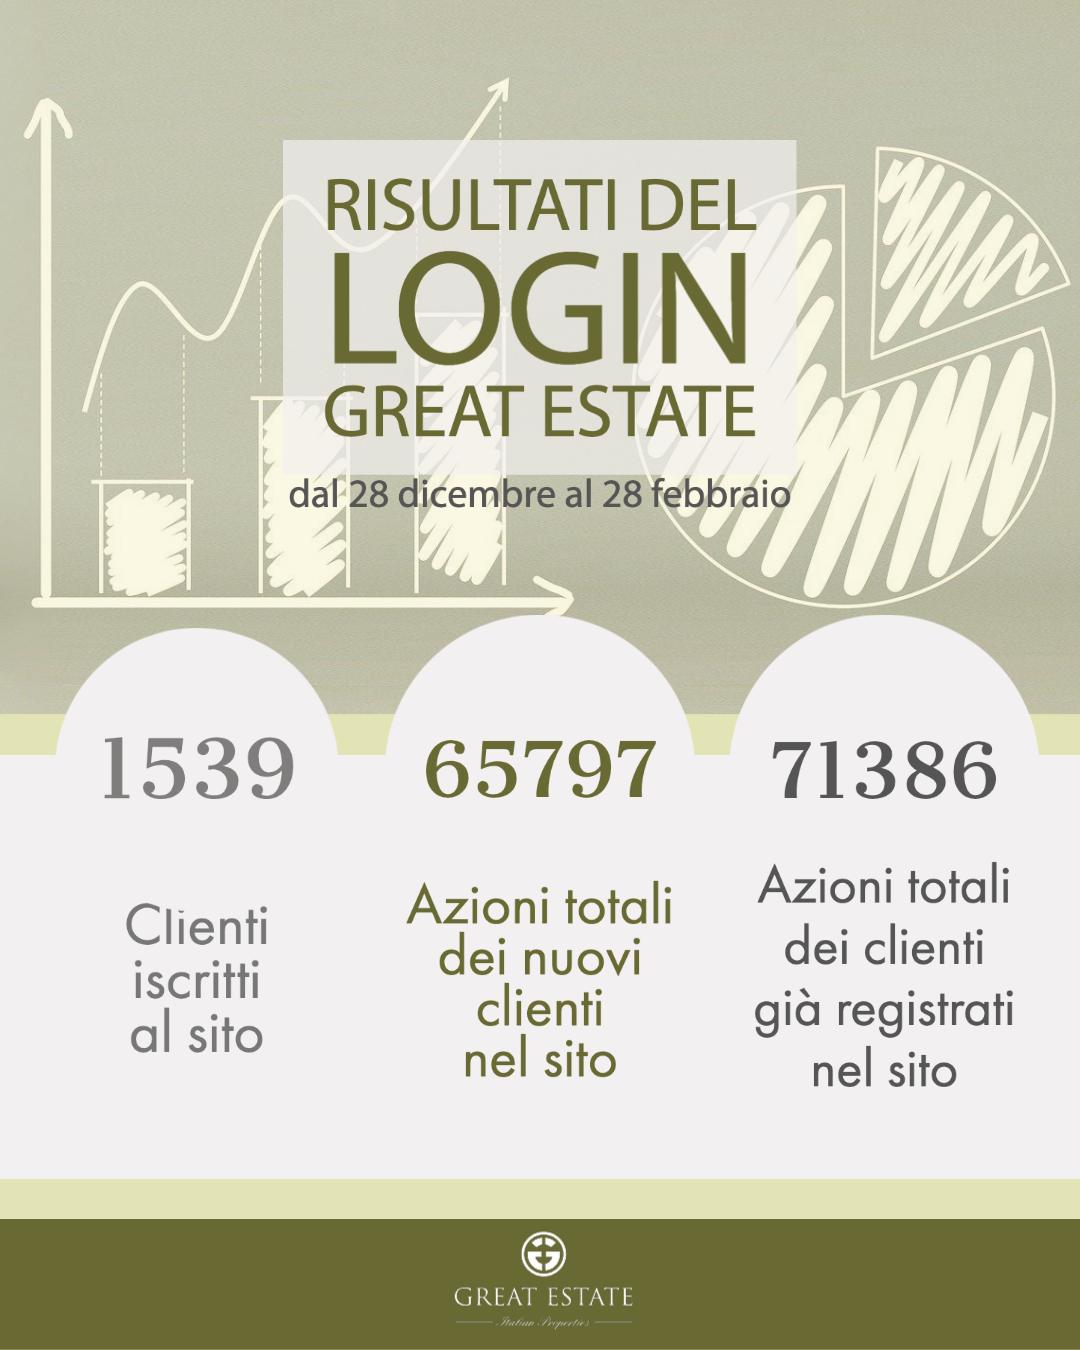 Risultati-Sito-GE-dic-feb-2021_2